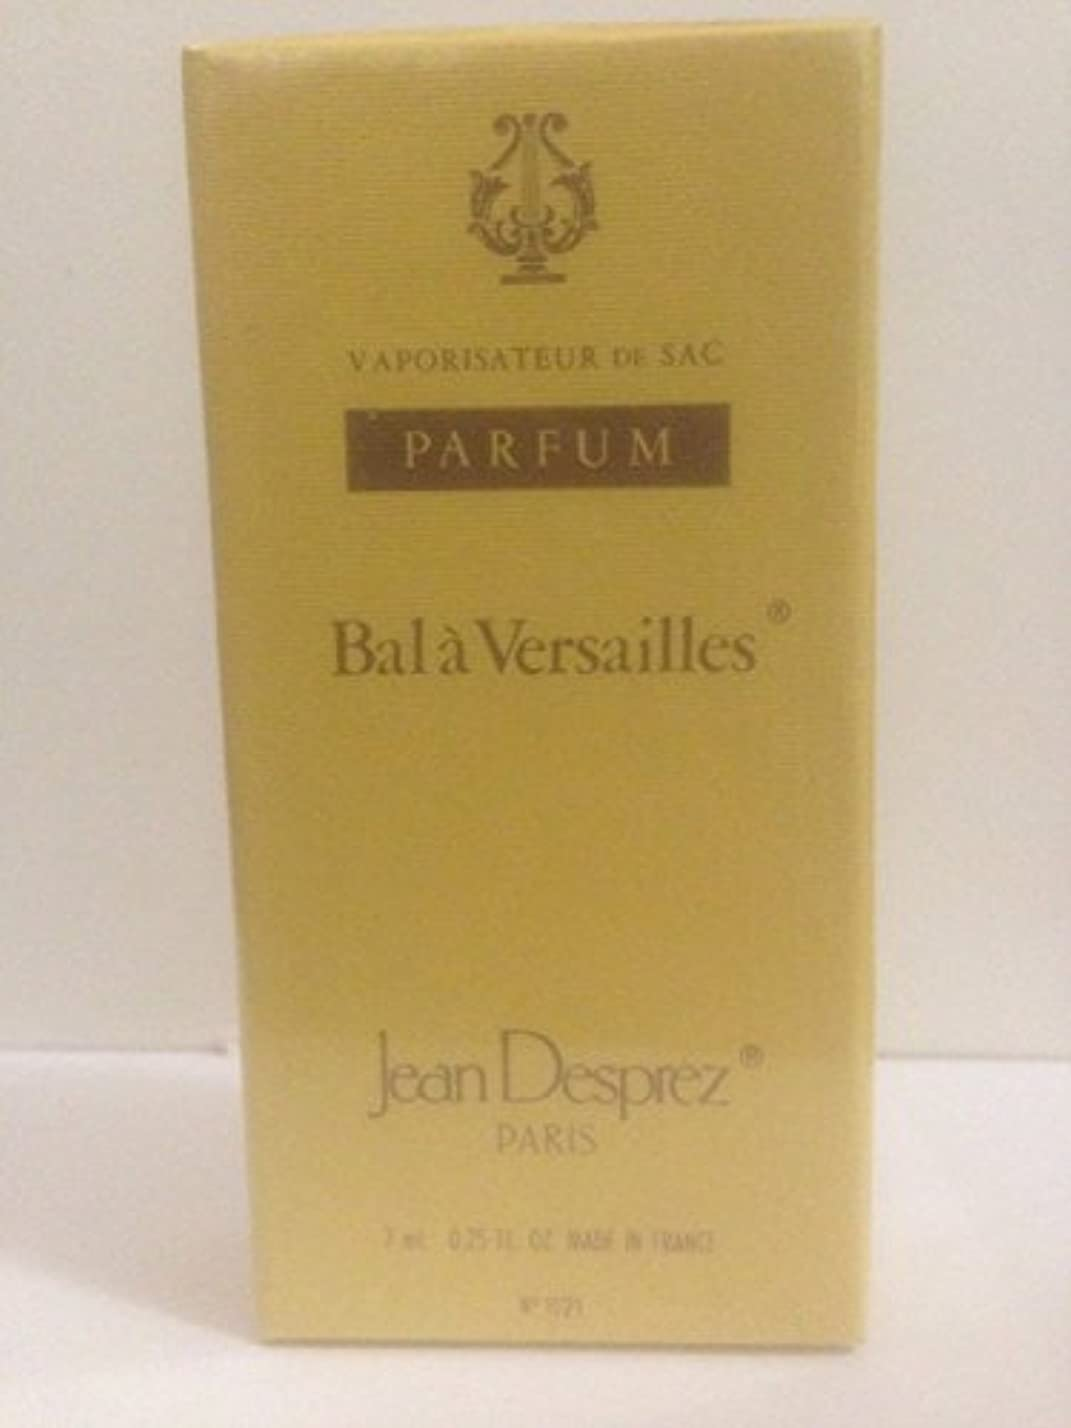 樹皮無一文農学Bal A Versailles (バラ ベルサイユ) 0.25 oz (7ml) Deluxe Parfum (純粋香水) by Jean Desprez for Women